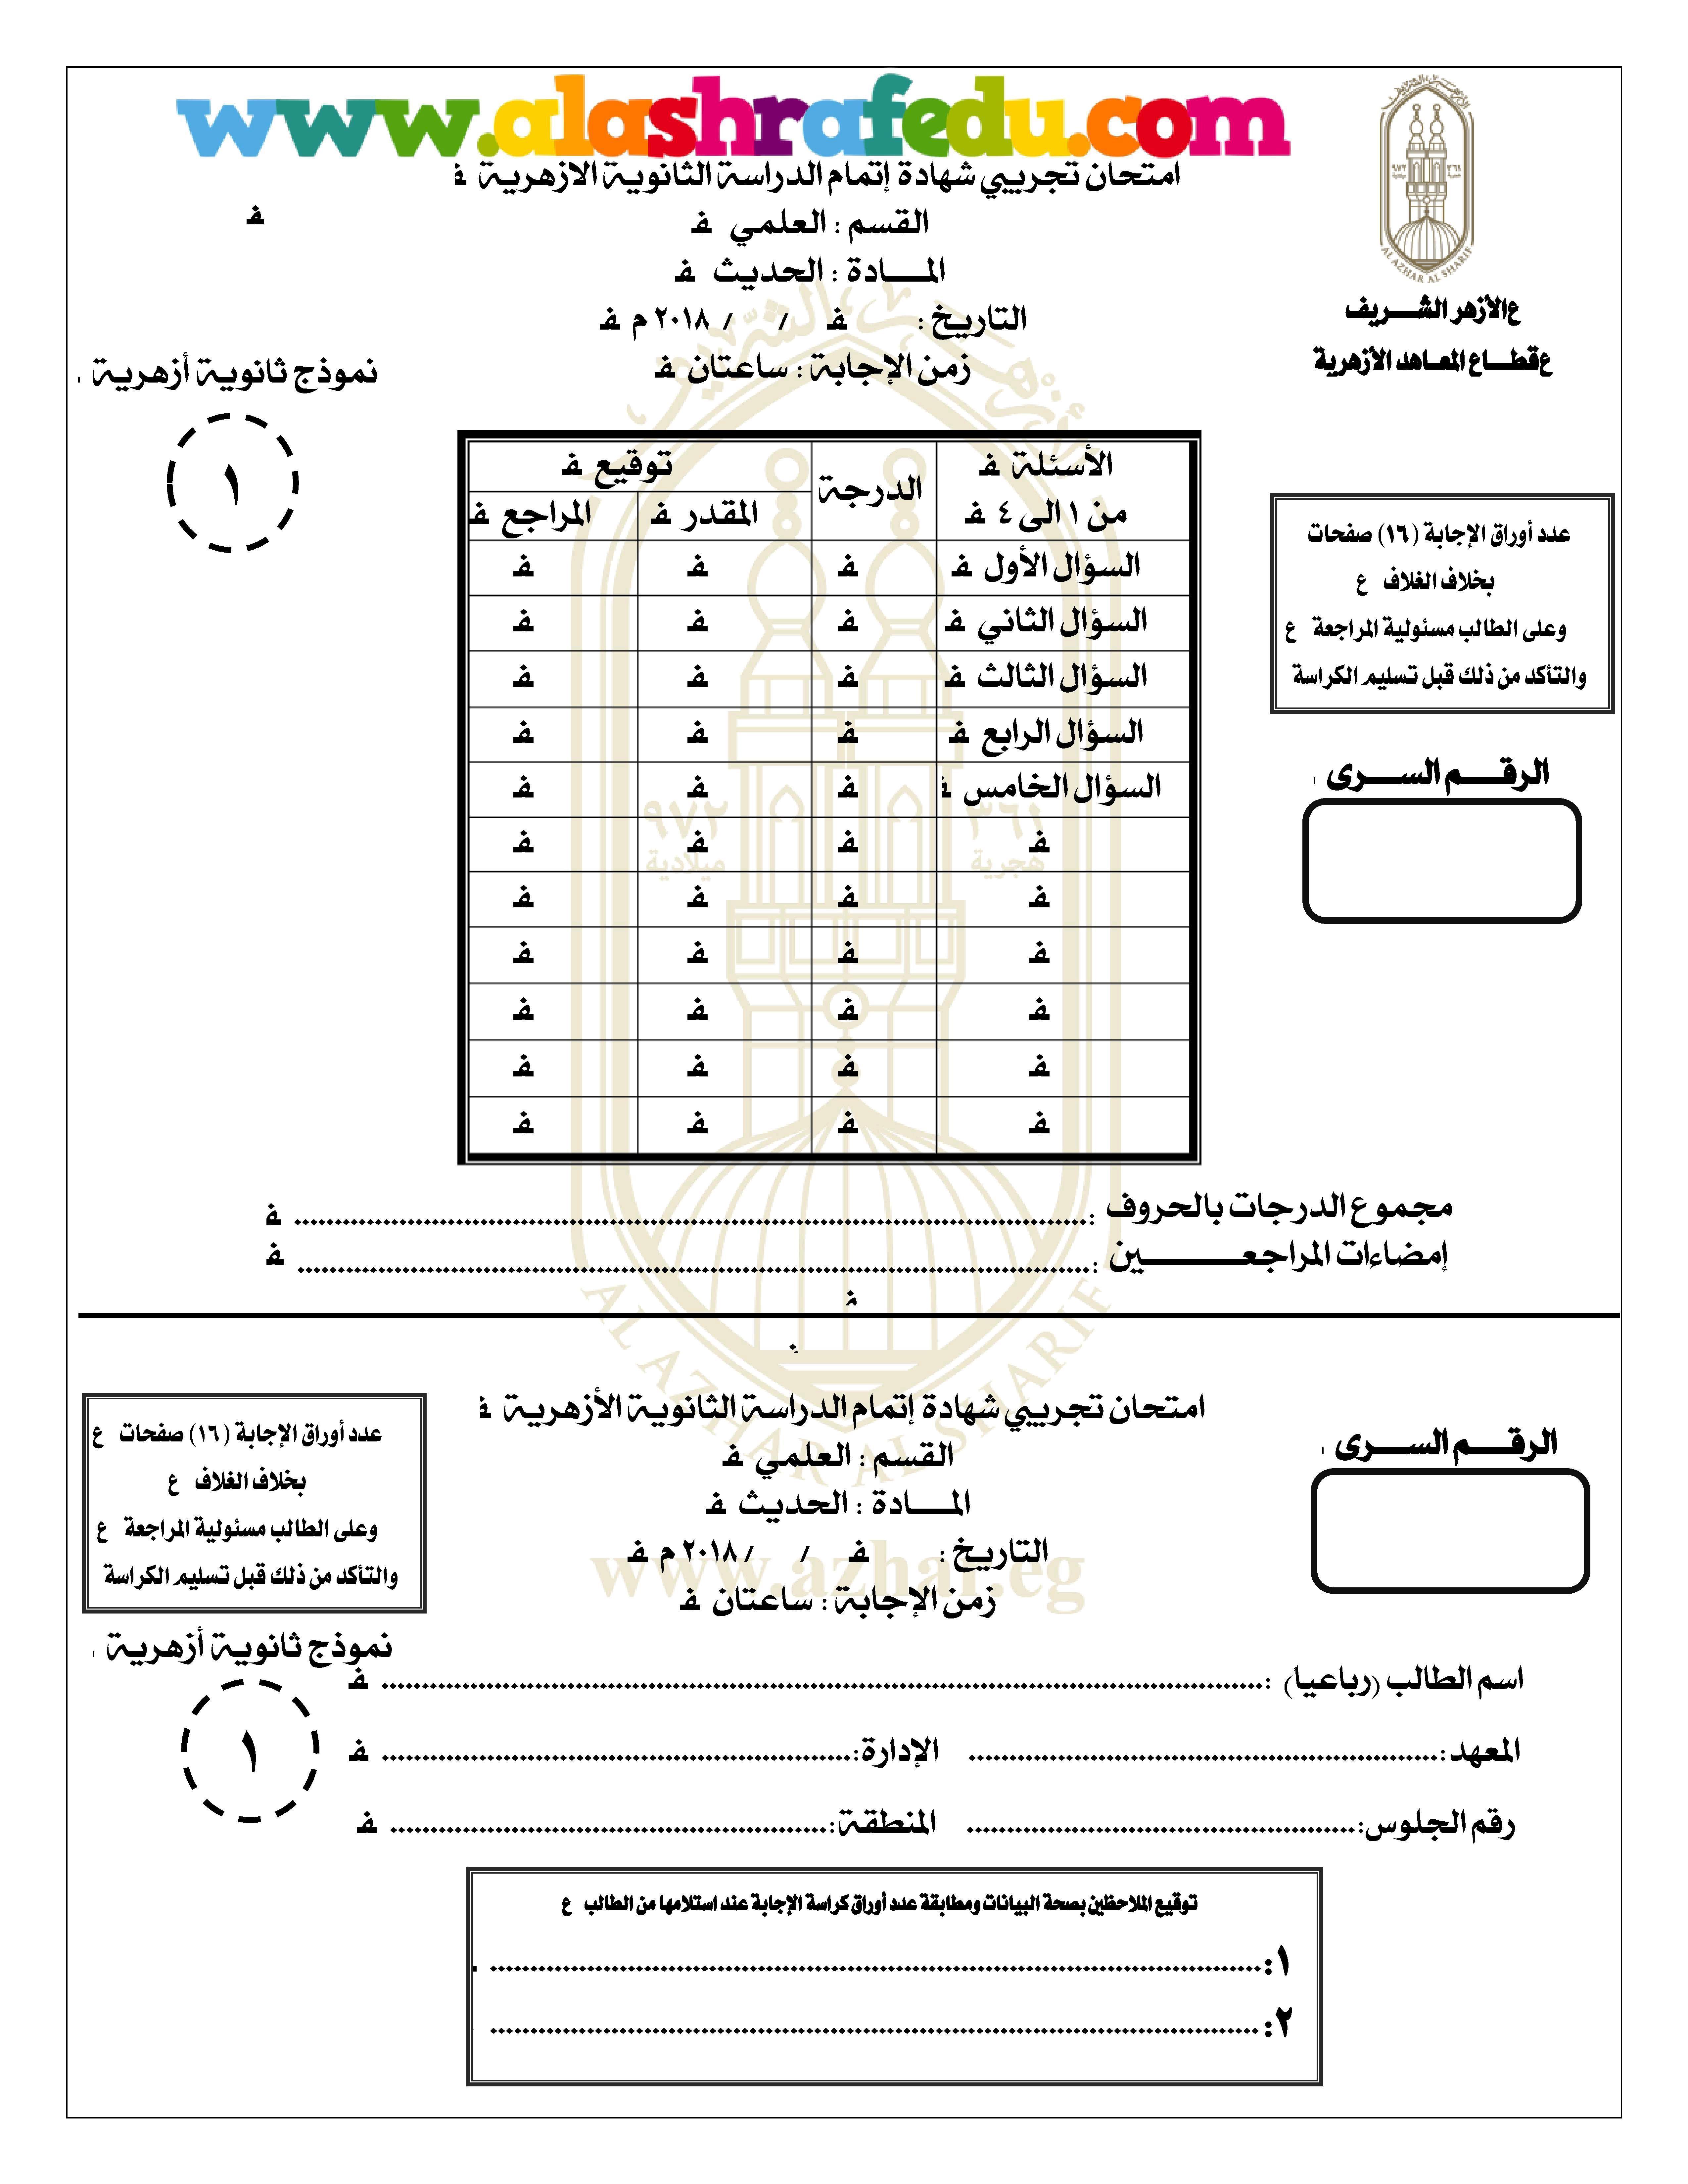 نموذج بوكليت إسترشادى حديث الإمتحان الإجابه 2019 الشهاده الثانويه الأزهريه www.alashrafedu.com1